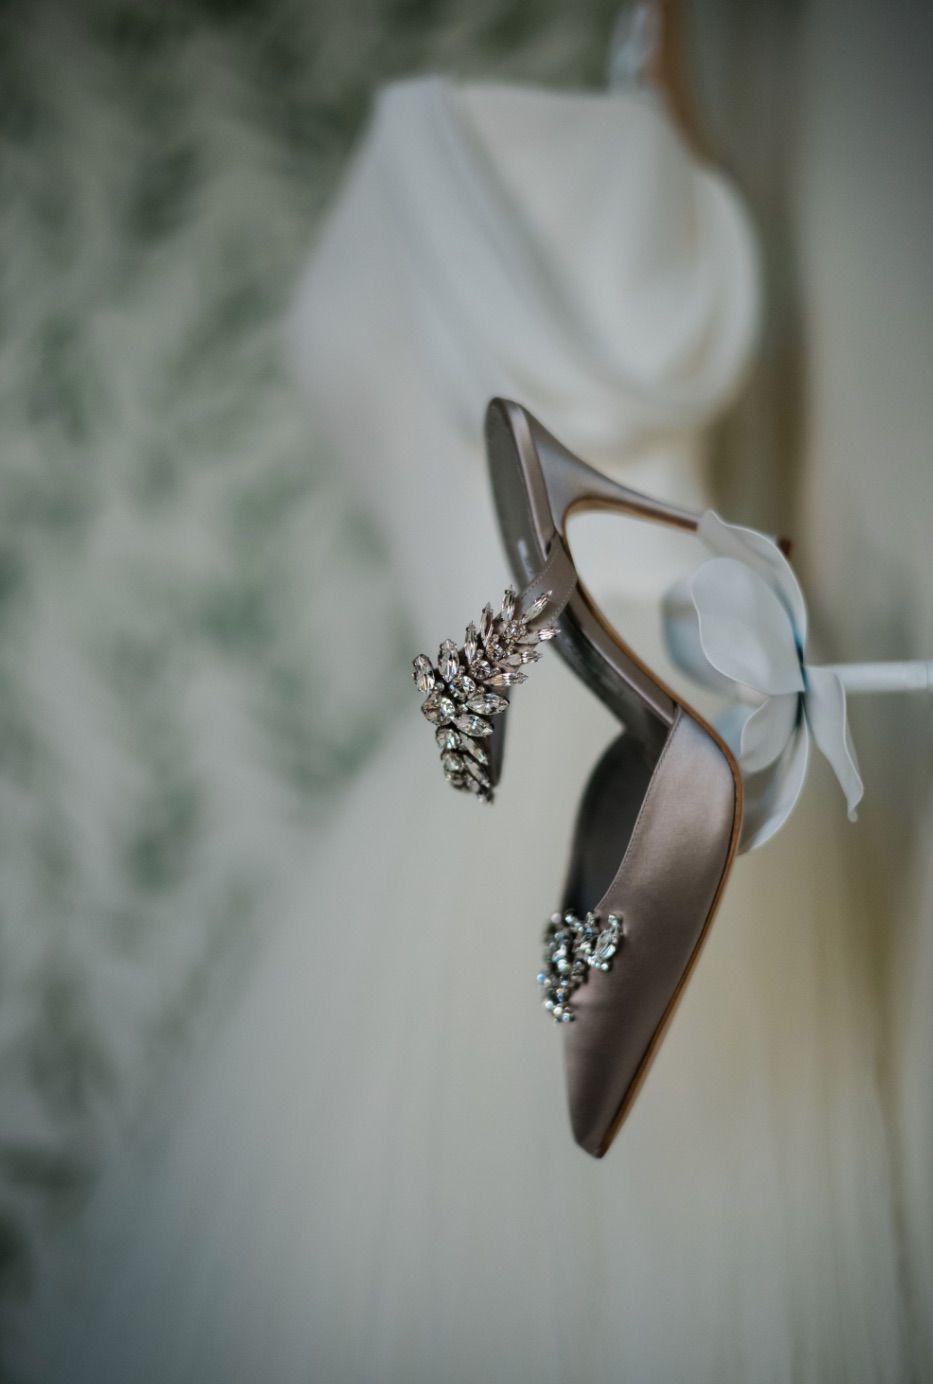 Crystal-embellished Manolo Blahnik Heels